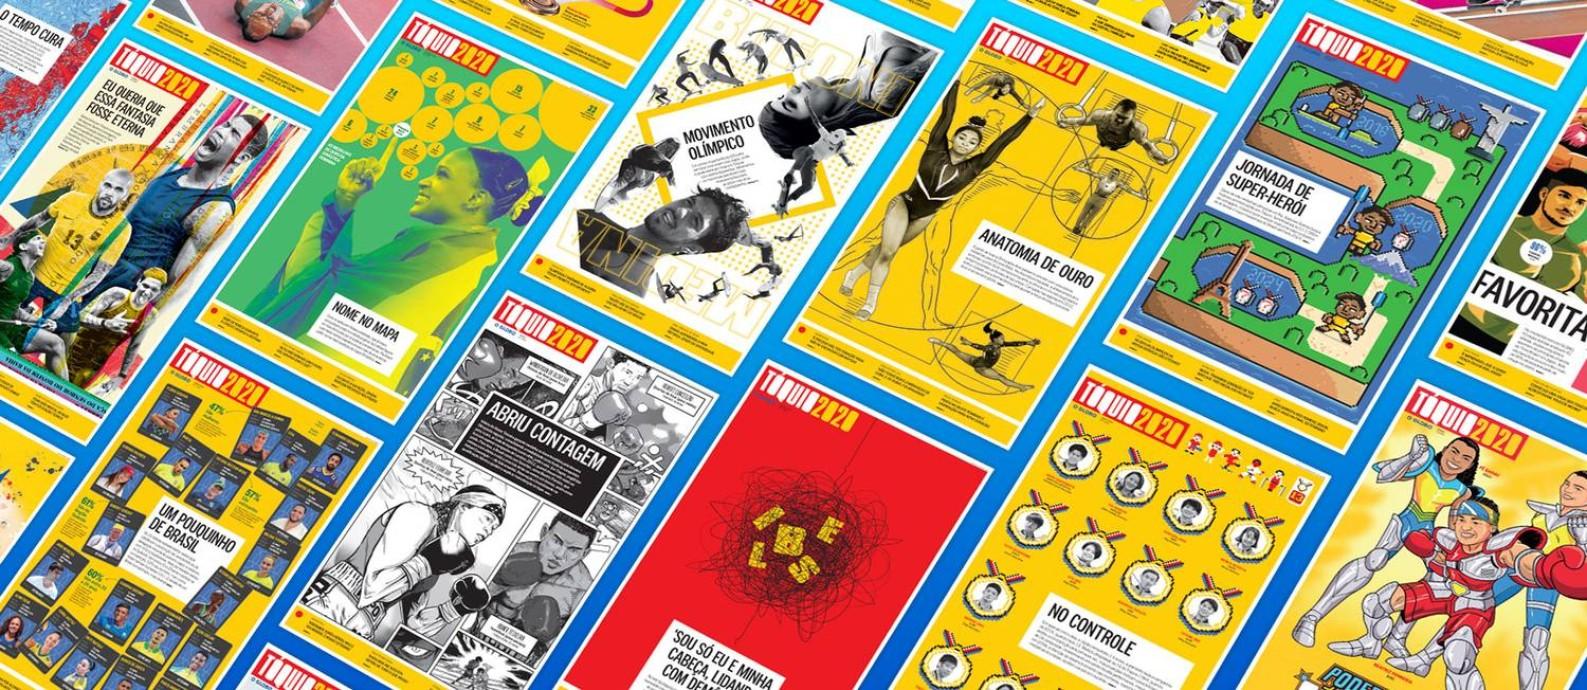 Capas dos cadernos olímpicos do GLOBO Foto: Editoria de arte